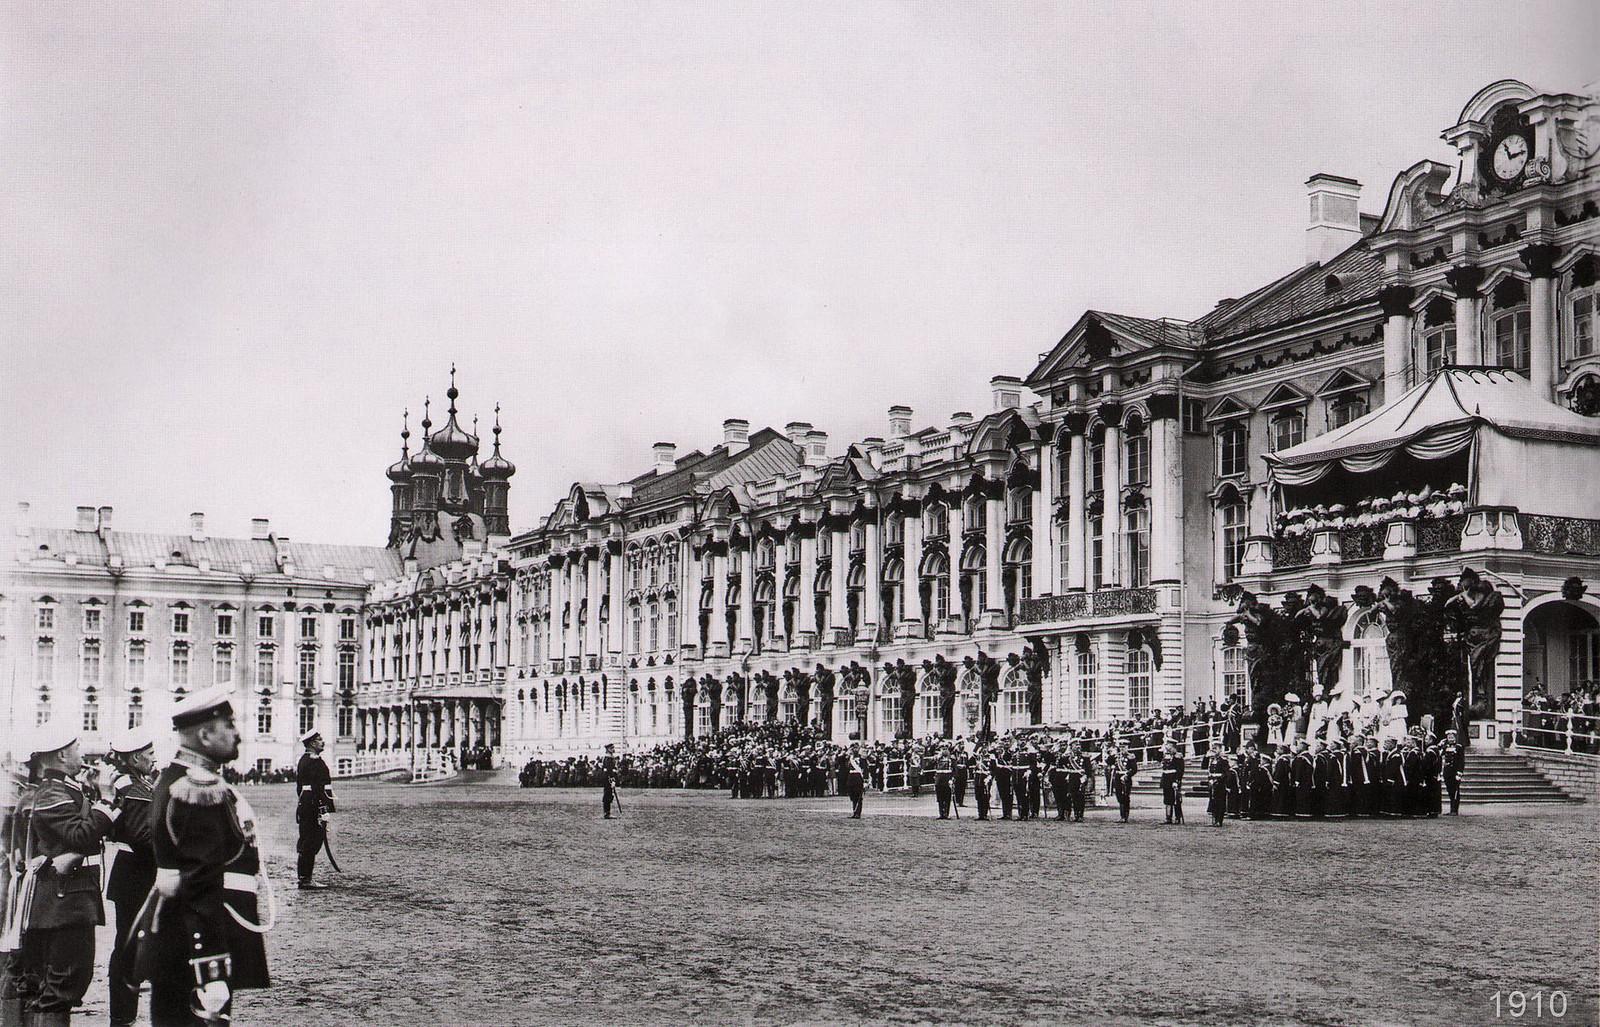 1910. Парад у Екатерининского дворца по случаю 100-летнего юбилея Гвардейского экипажа